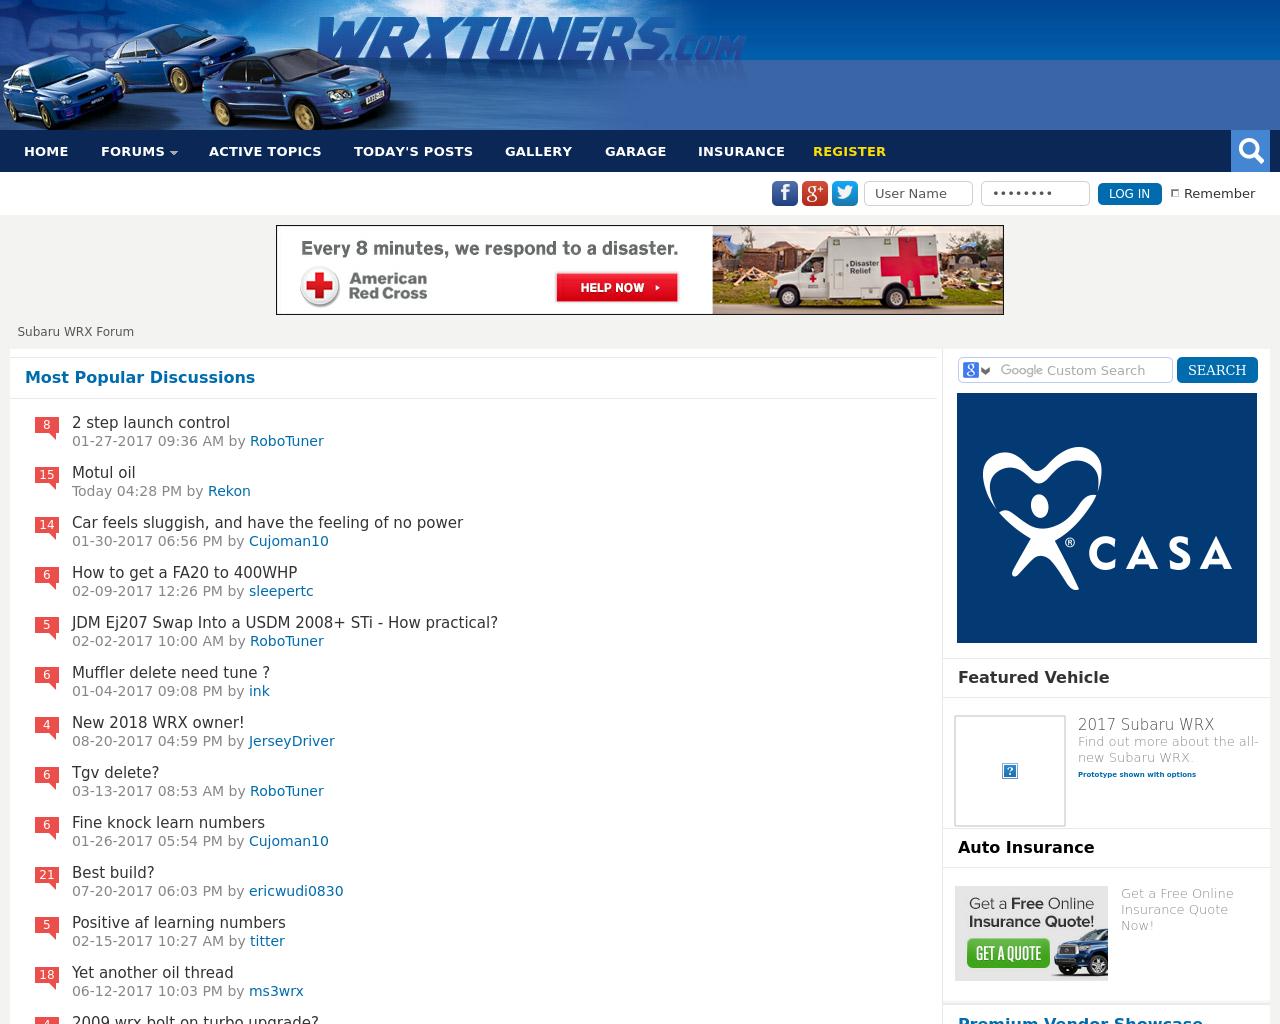 Subaru-WRX-Advertising-Reviews-Pricing